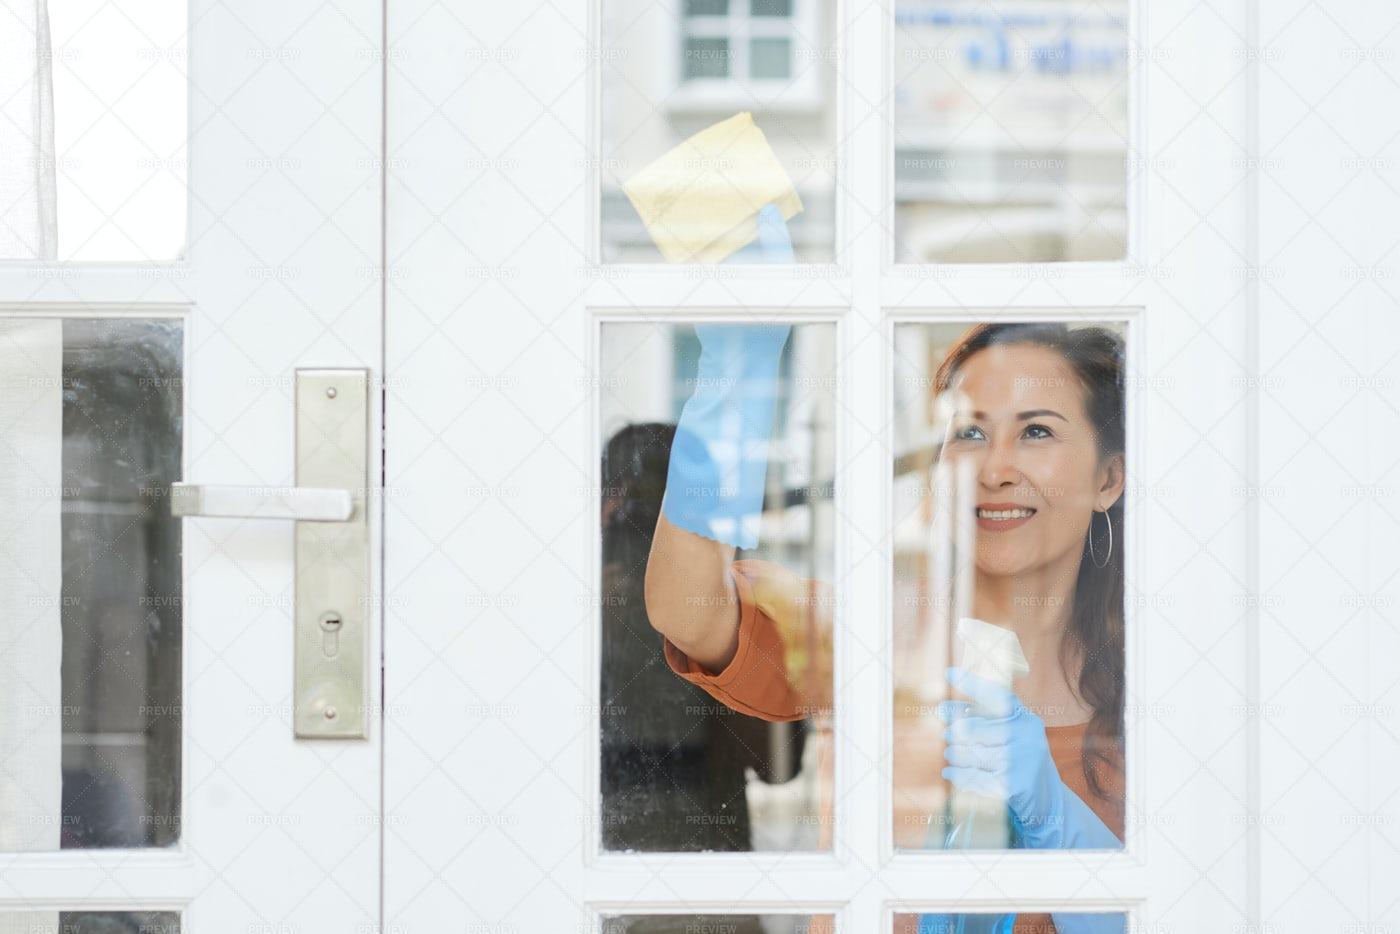 Housewife Cleaning Door: Stock Photos